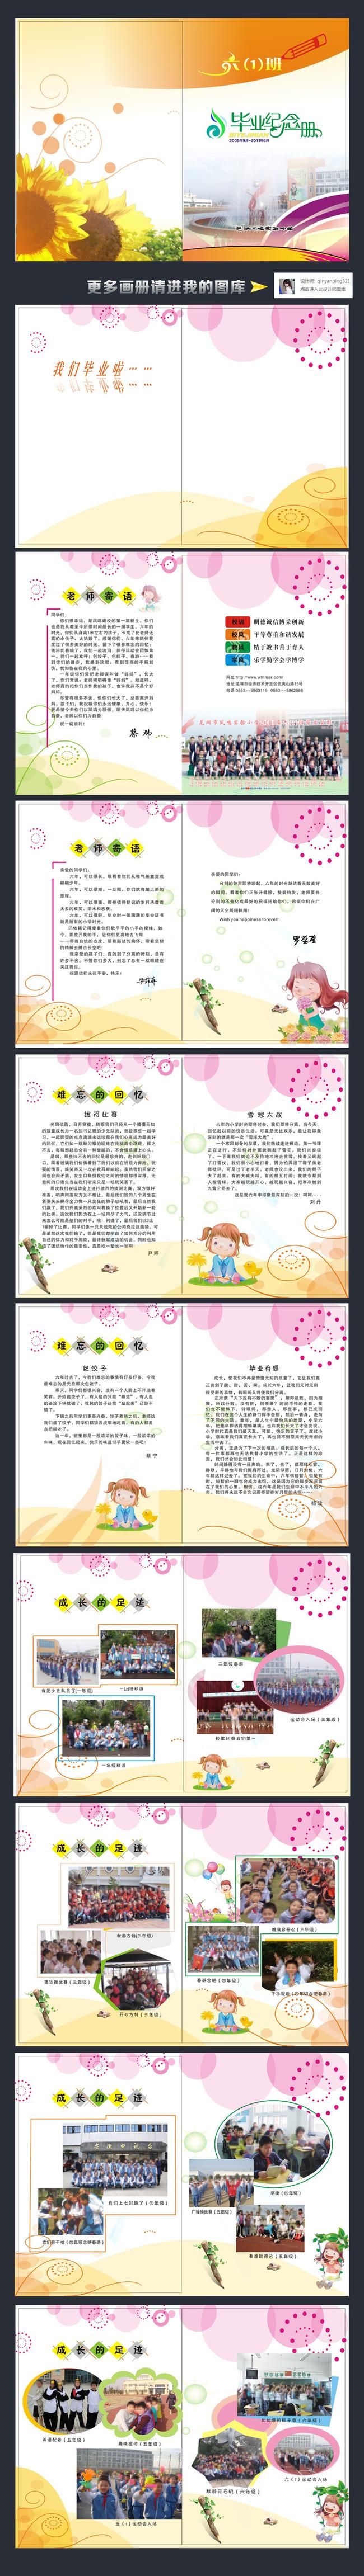 幼儿园小学卡通毕业纪念册模板下载-幼儿成长档案